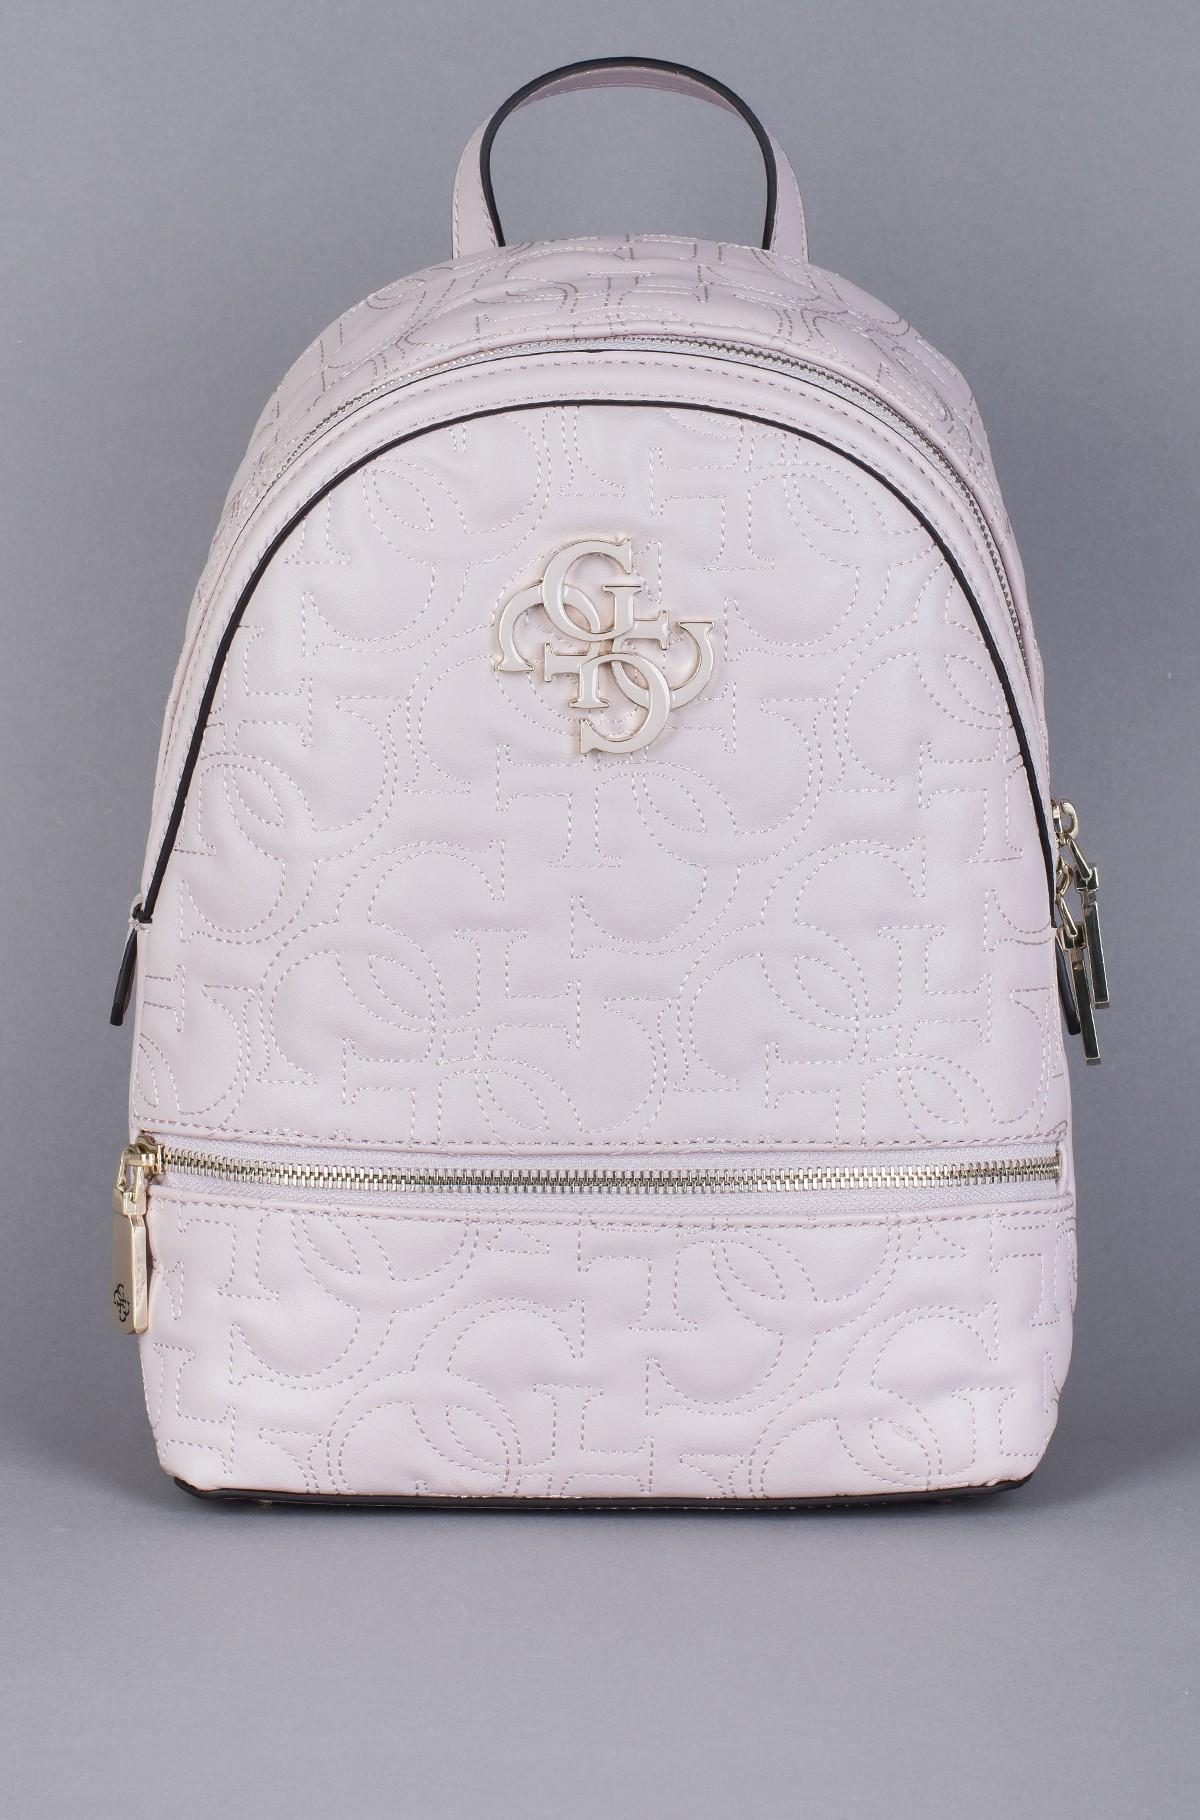 Backbag HWVG74 75320-full-1